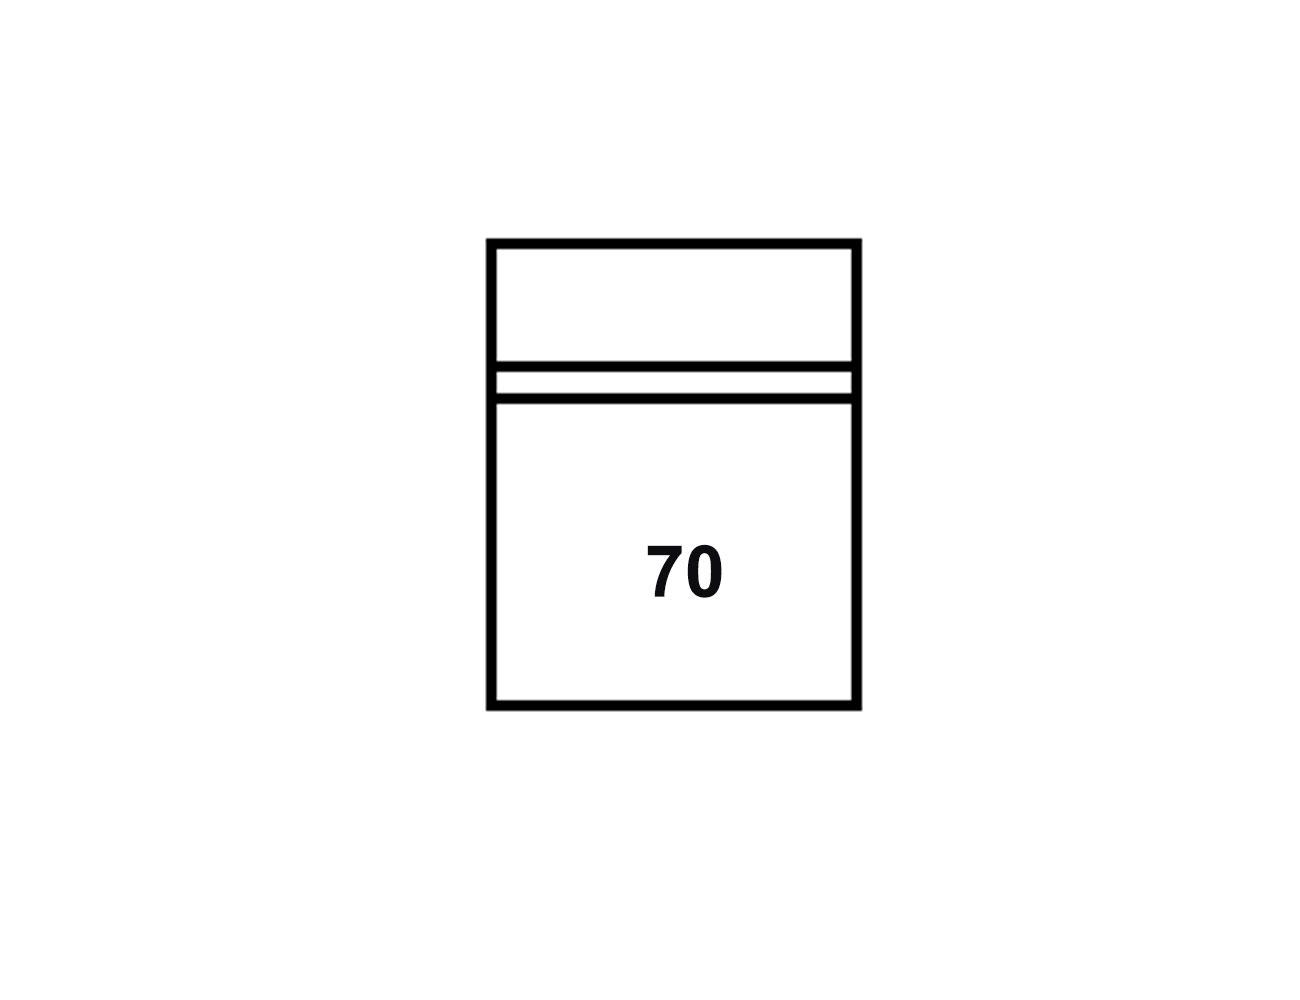 Modulo 1p 704